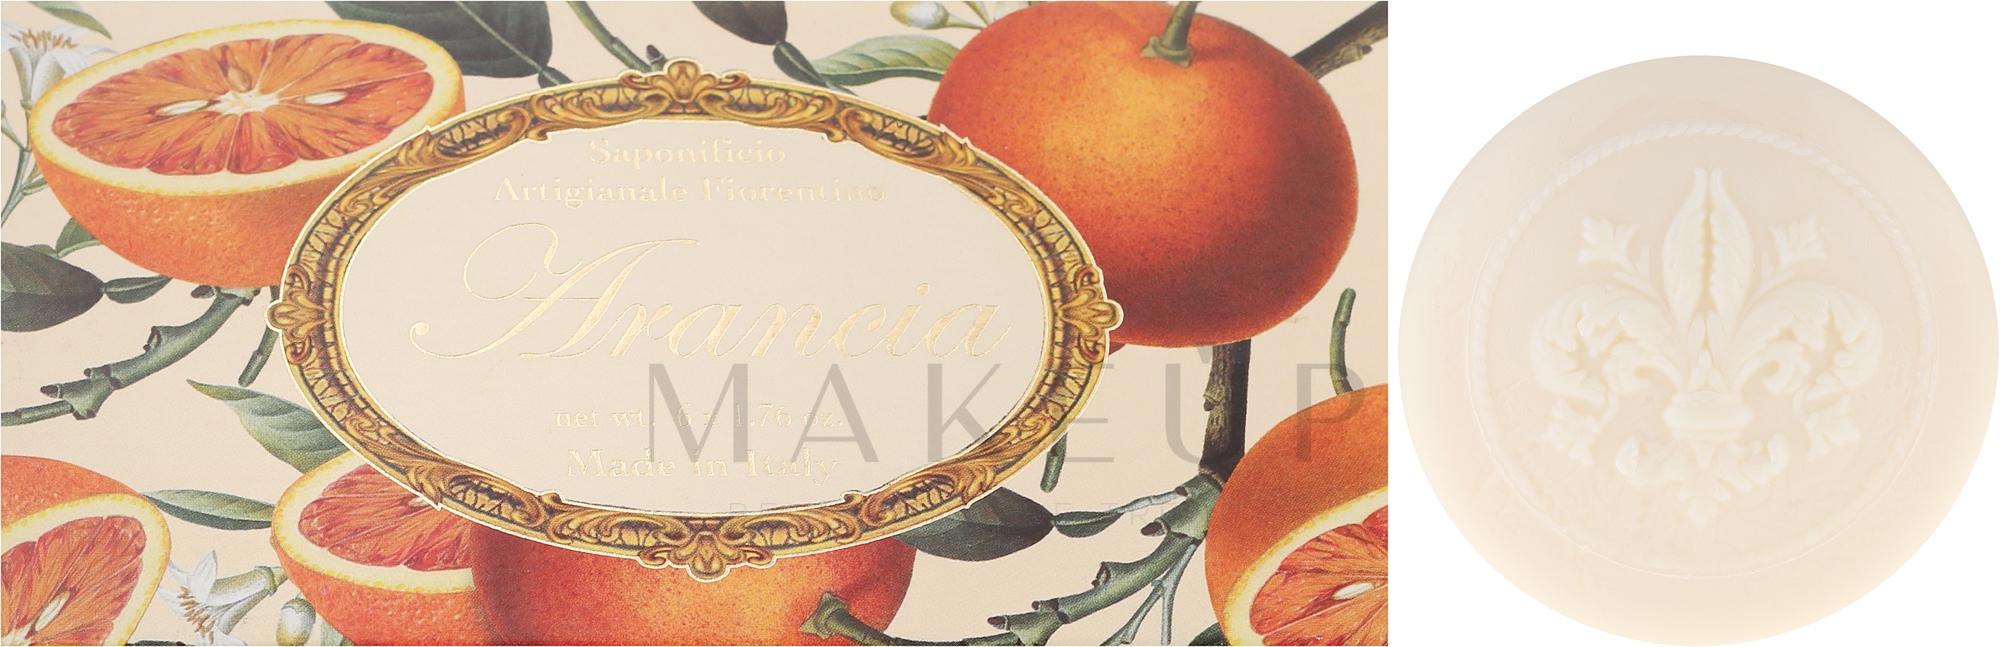 Naturseifen Geschenkset 6 St. - Saponificio Artigianale Fiorentino Orange (6x50g) — Bild 6 x 50 g